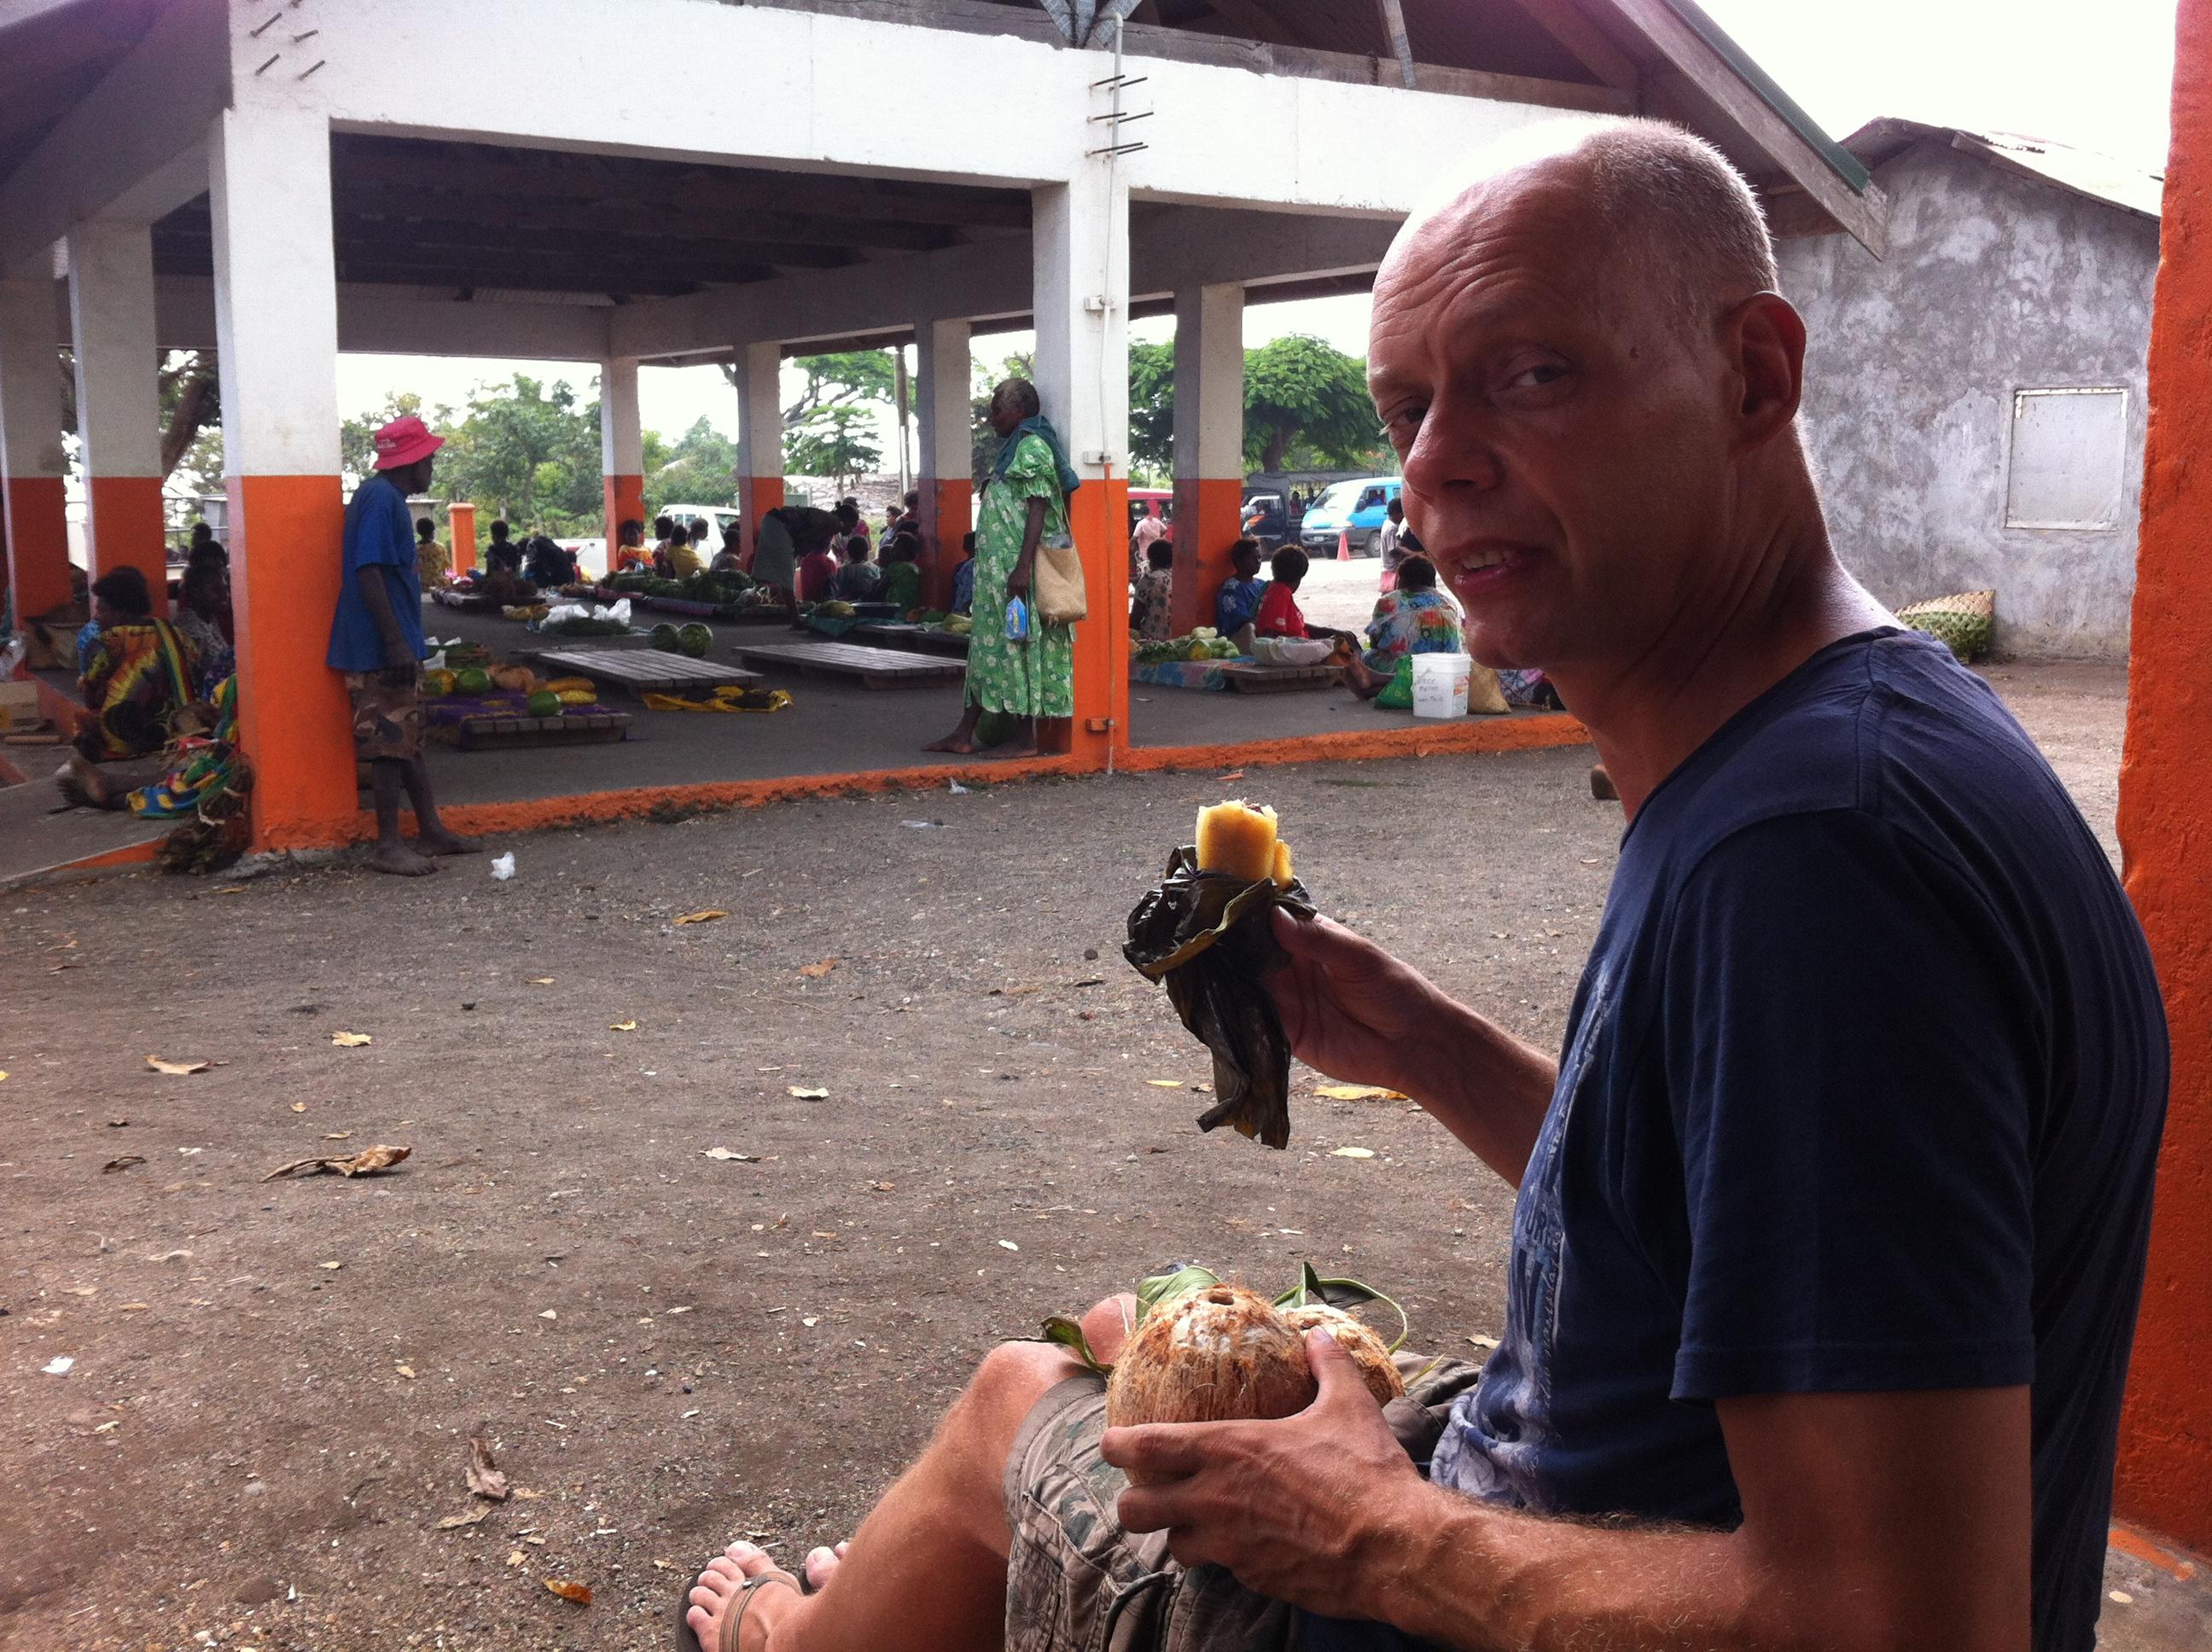 Yvonderweg - Avontuurlijk Tanna - Tom op markt Lenakel met Tuluk en kokosnoot